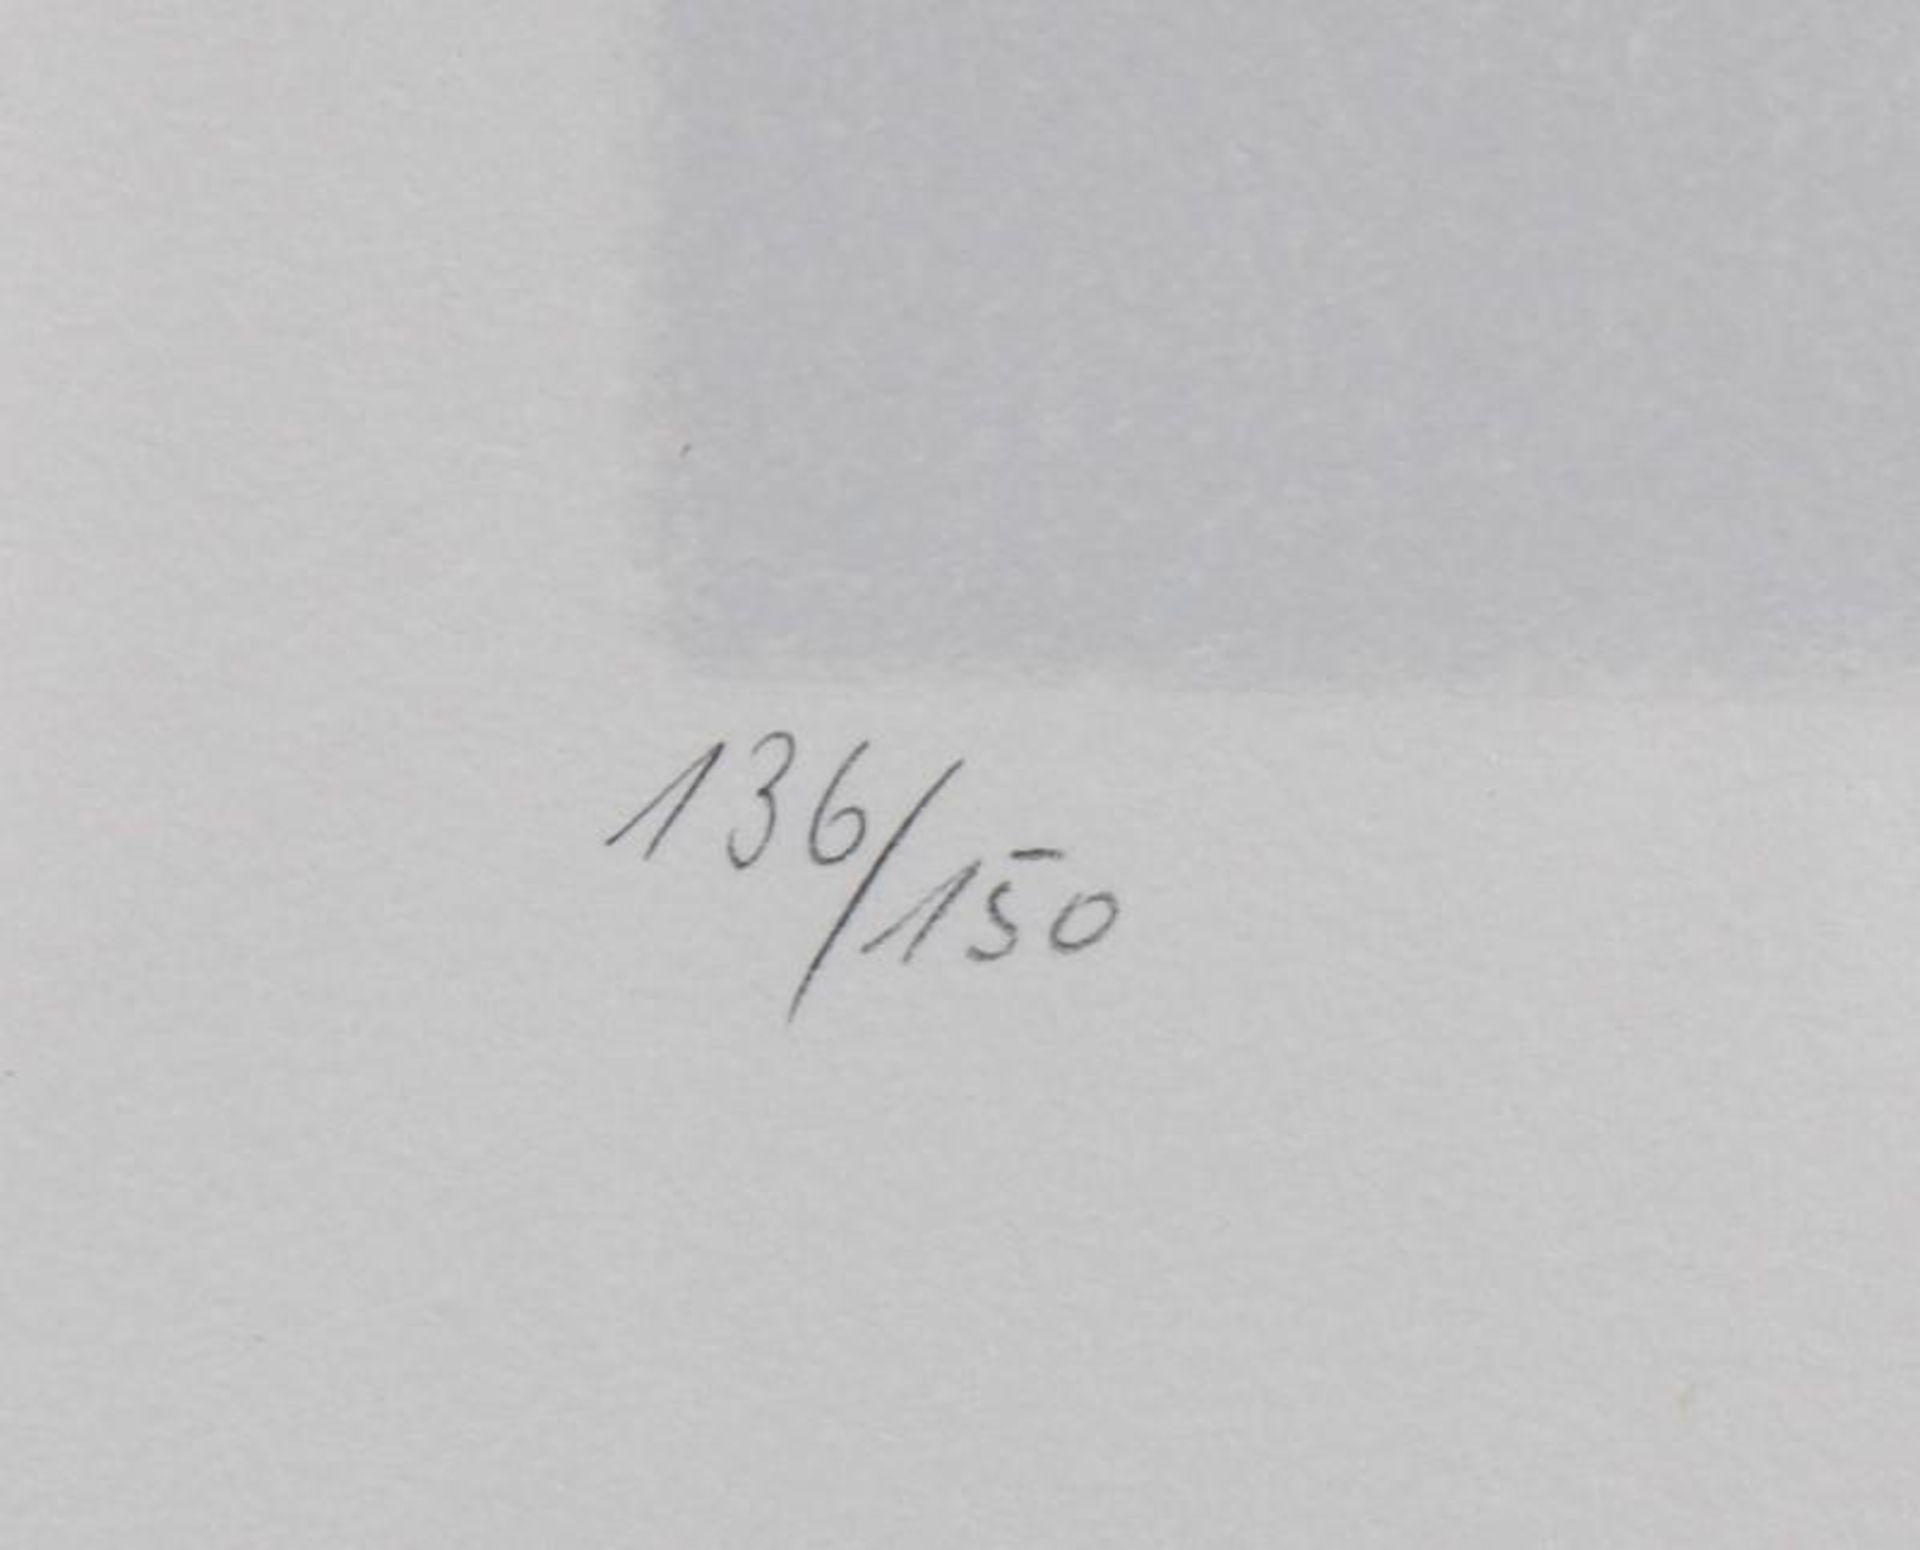 Max AckermannFarbserigraphie, Blatt 136/150, unten rechts mit Bleistift signiert und datiert 1974, - Bild 2 aus 3